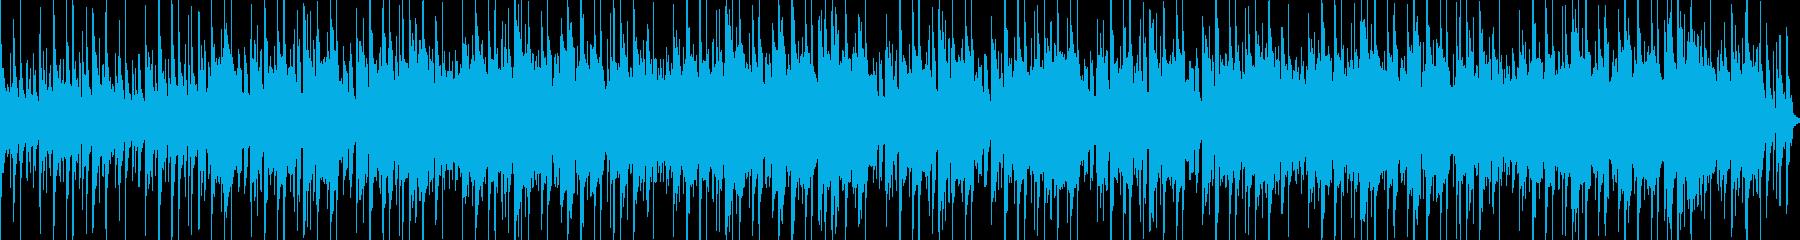 ケルト風の勇ましいファンタジーBGMの再生済みの波形